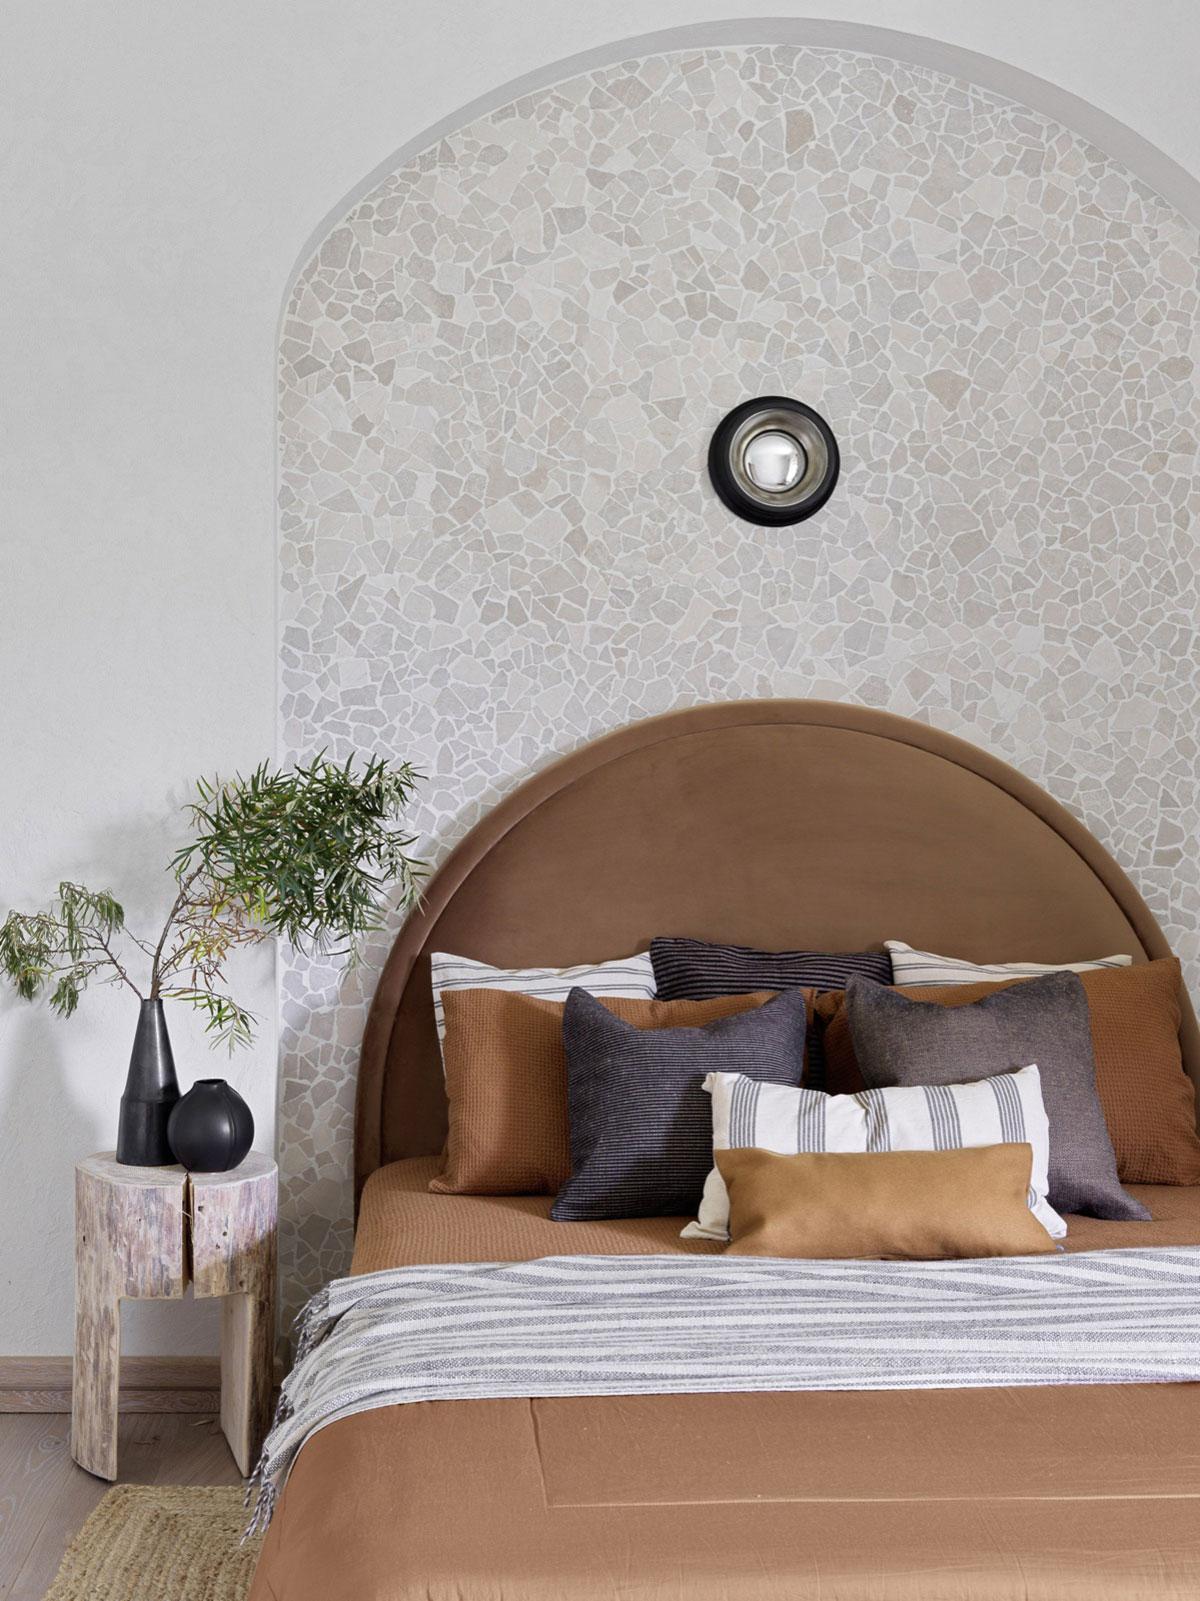 Мягкие молочные оттенки и элегантная мебель: загородный дом с курортным настроением в Подмосковье